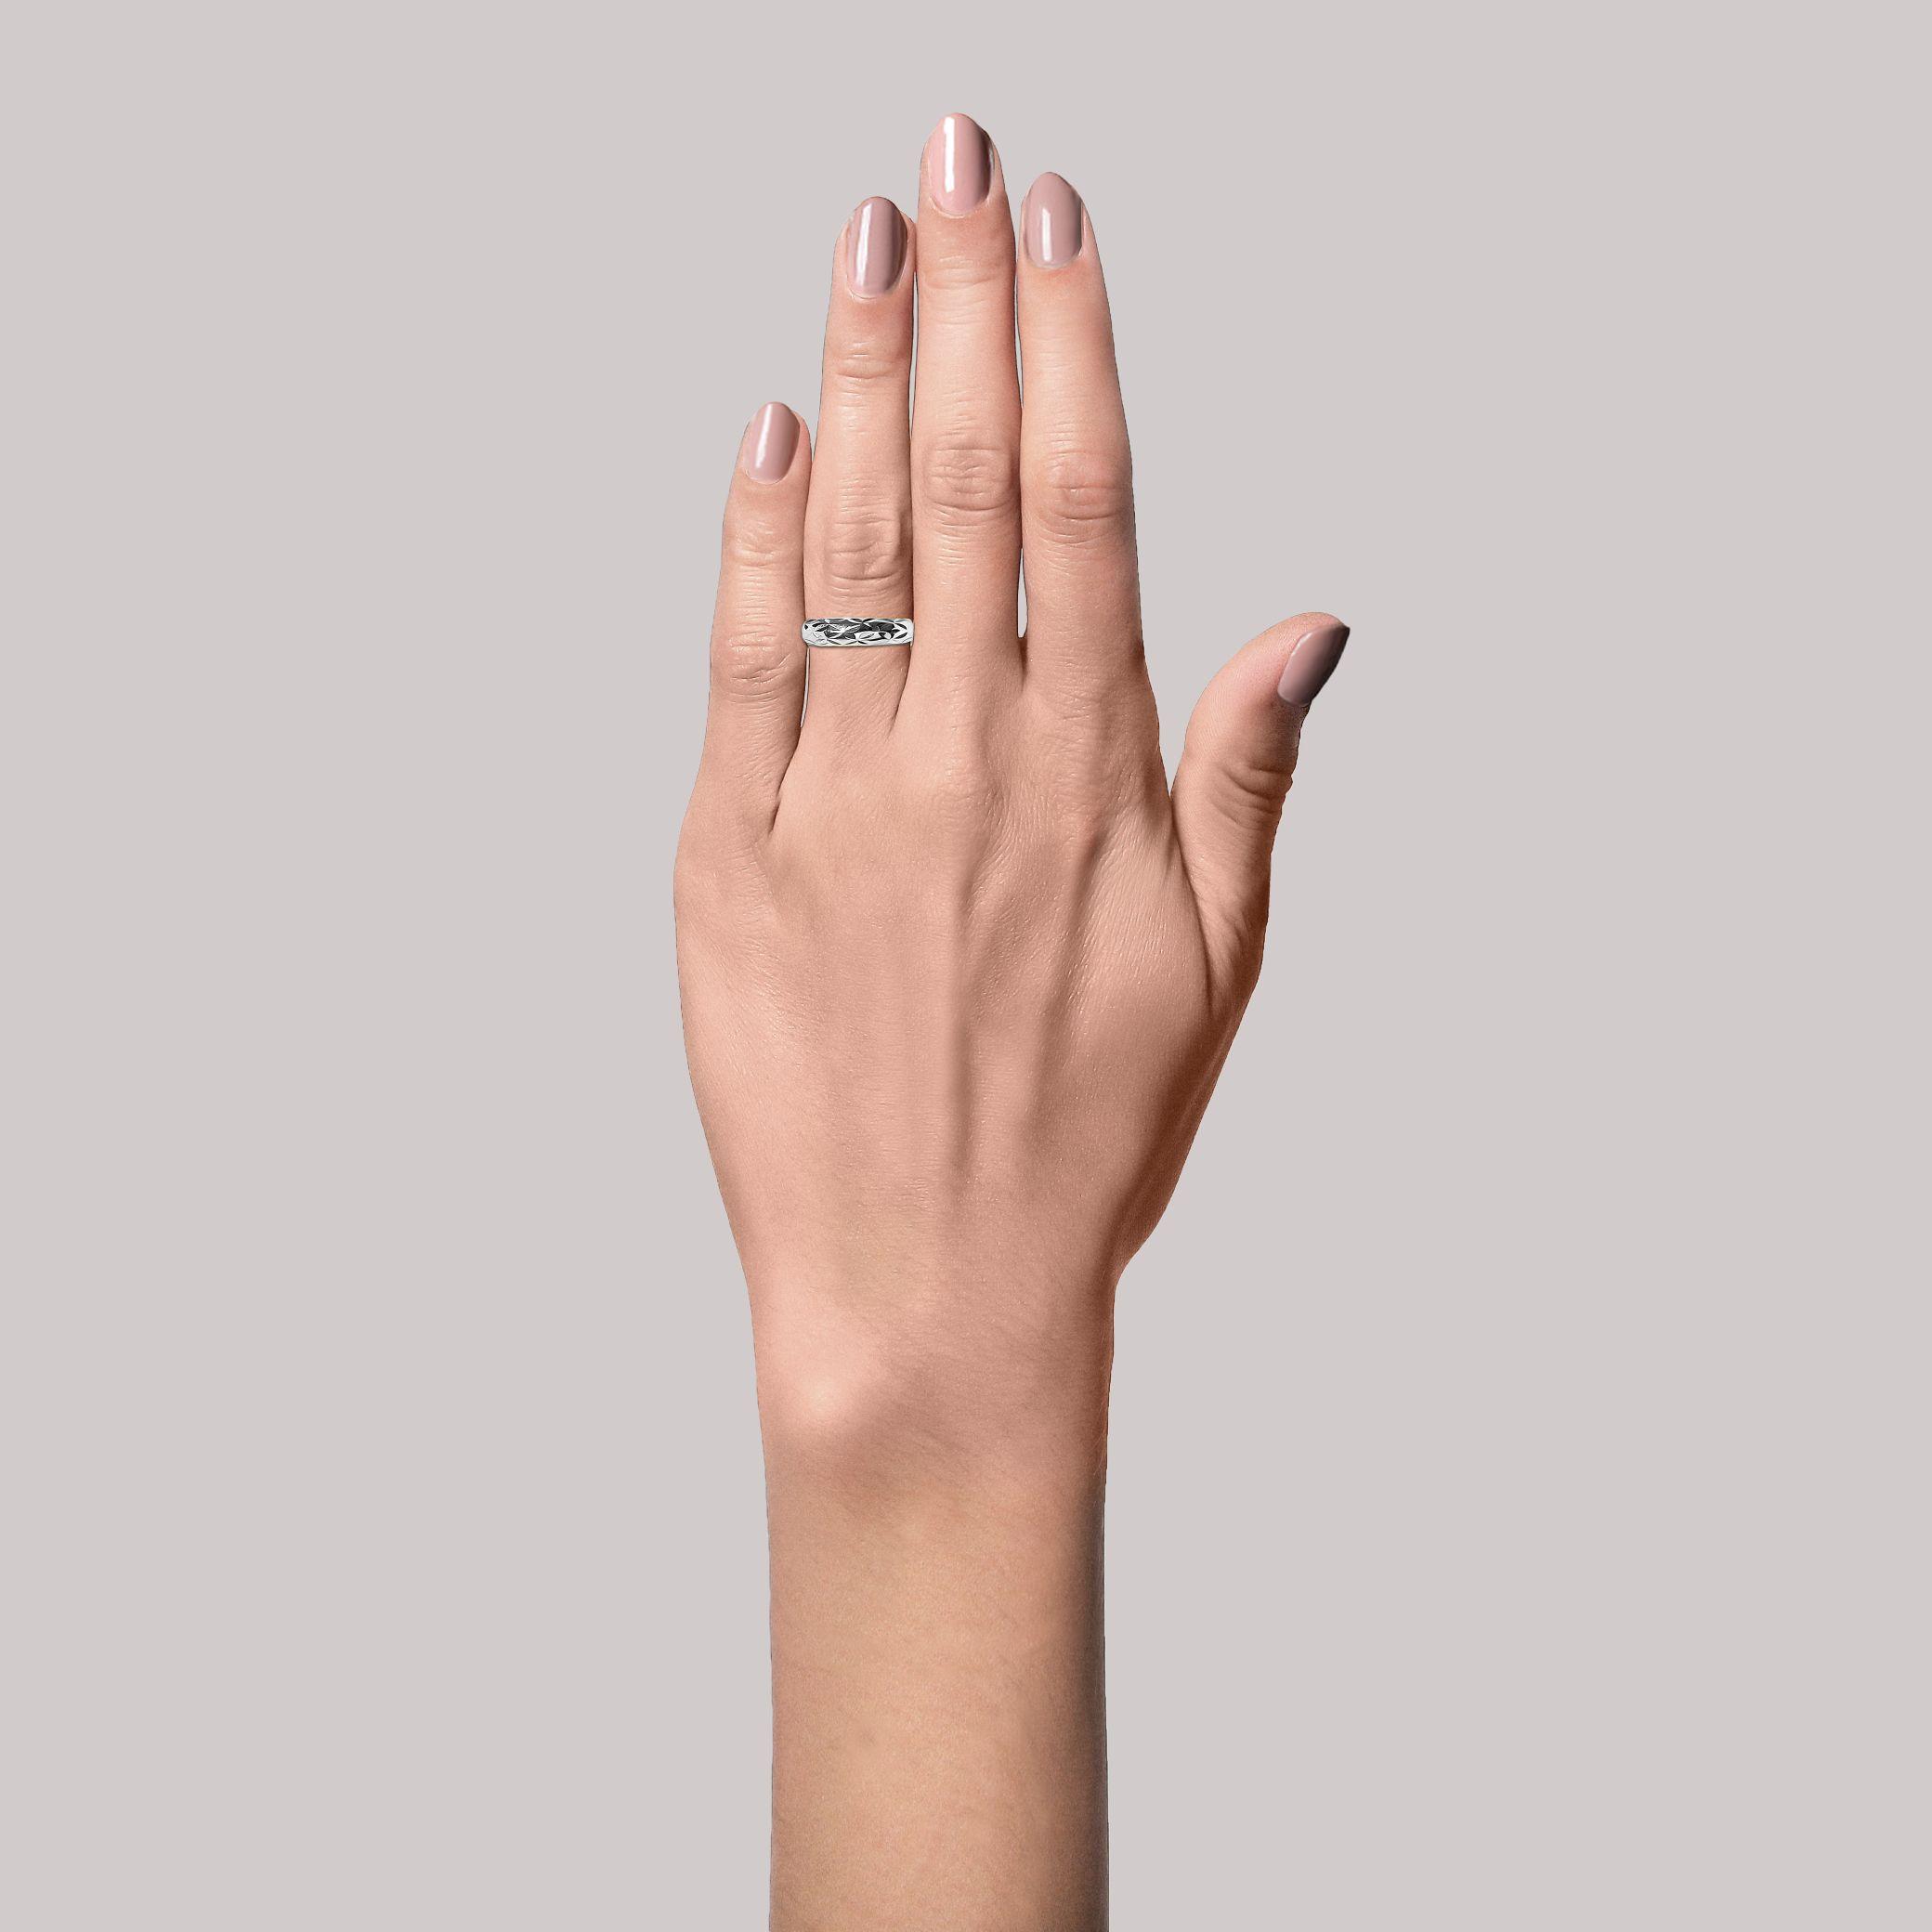 Jane Kønig Big Impression ring, sølv, 50